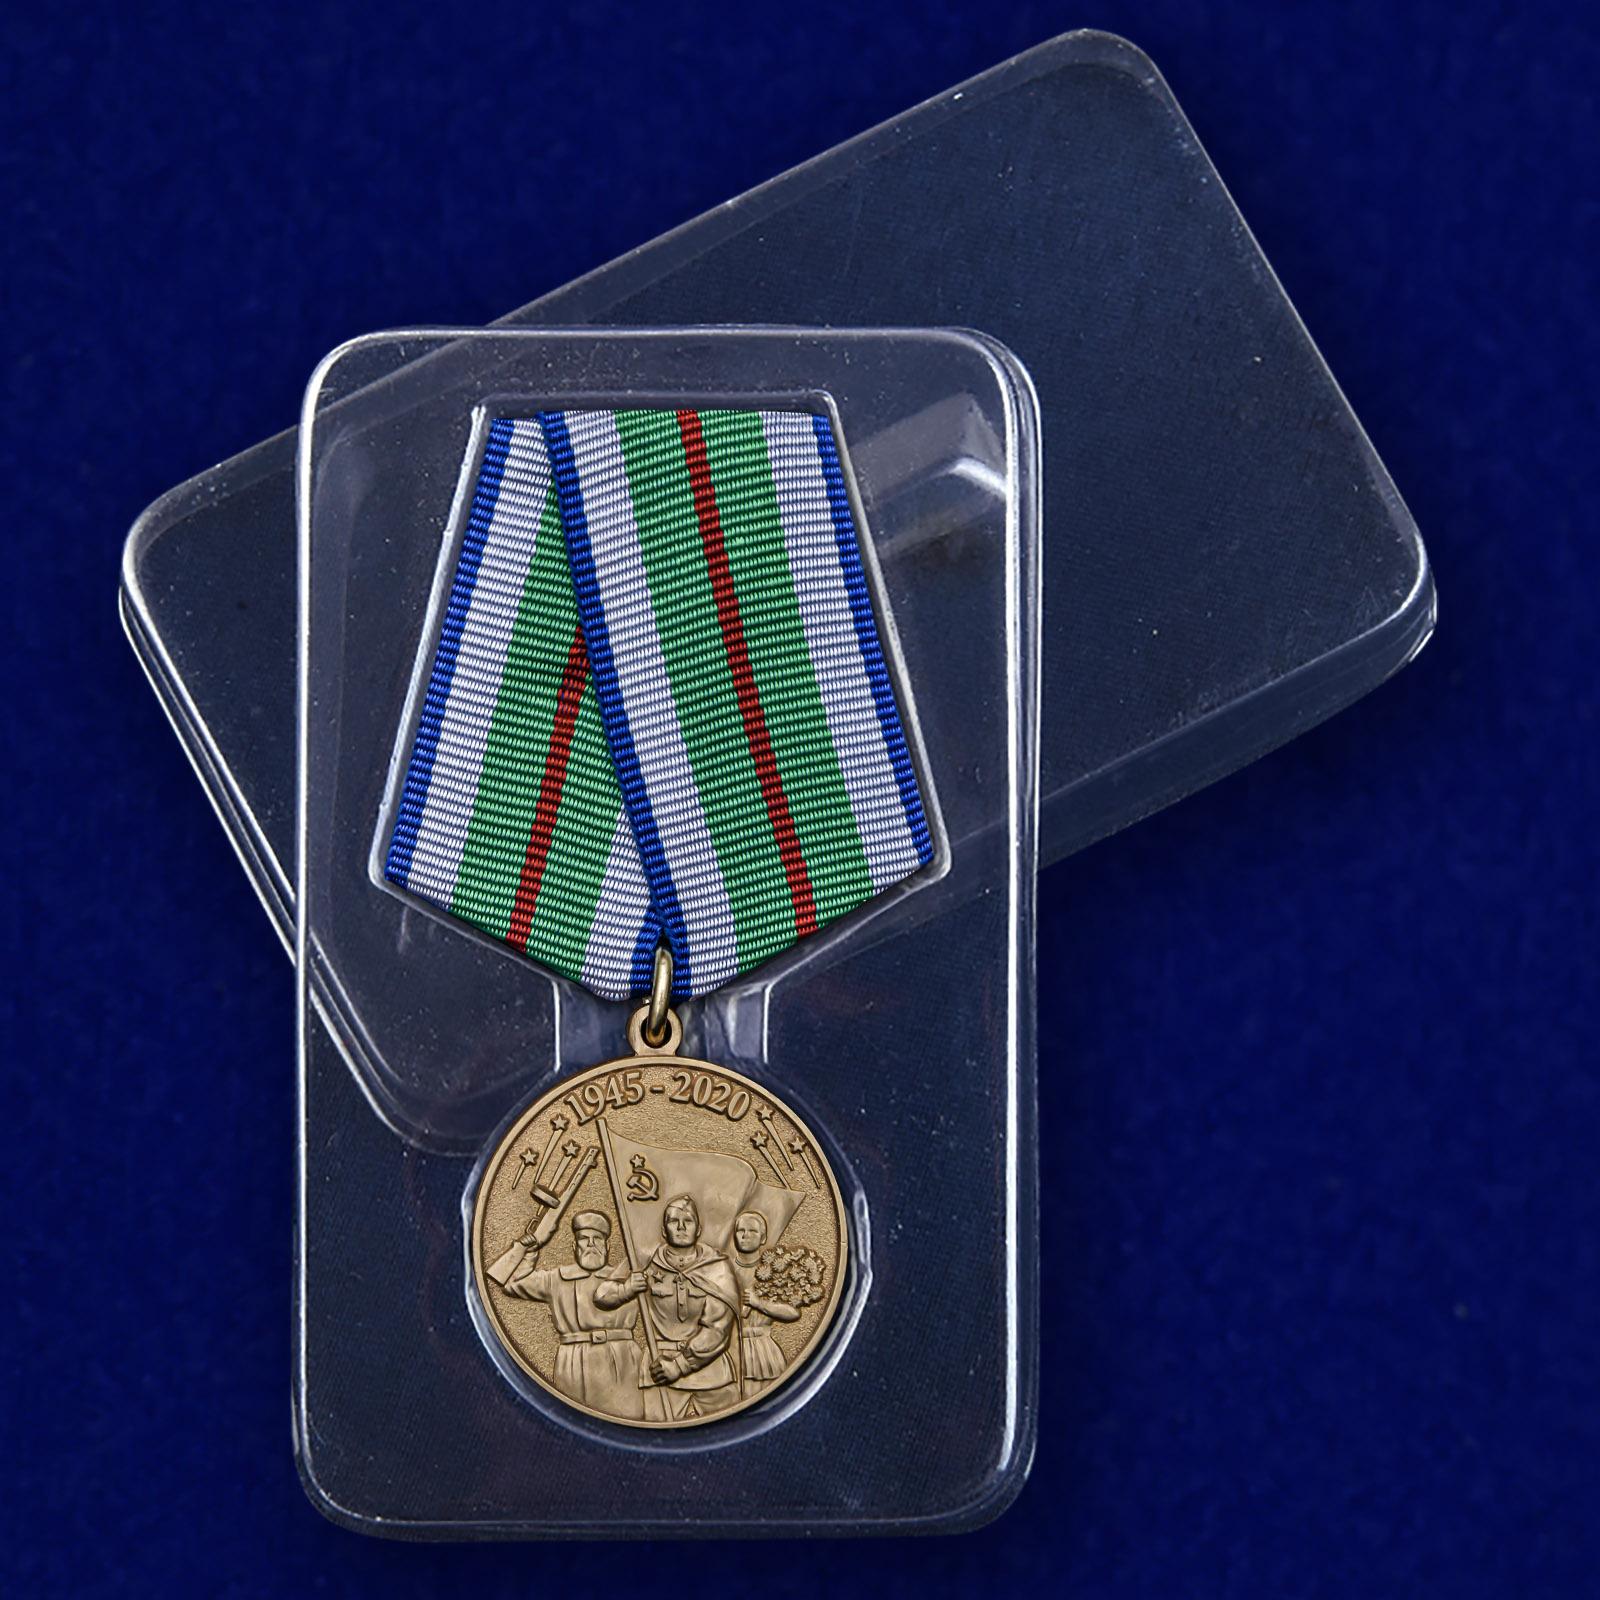 Юбилейная медаль «75 лет Победы в Великой Отечественной войне 1941-1945 годов» Беларусь в футляре